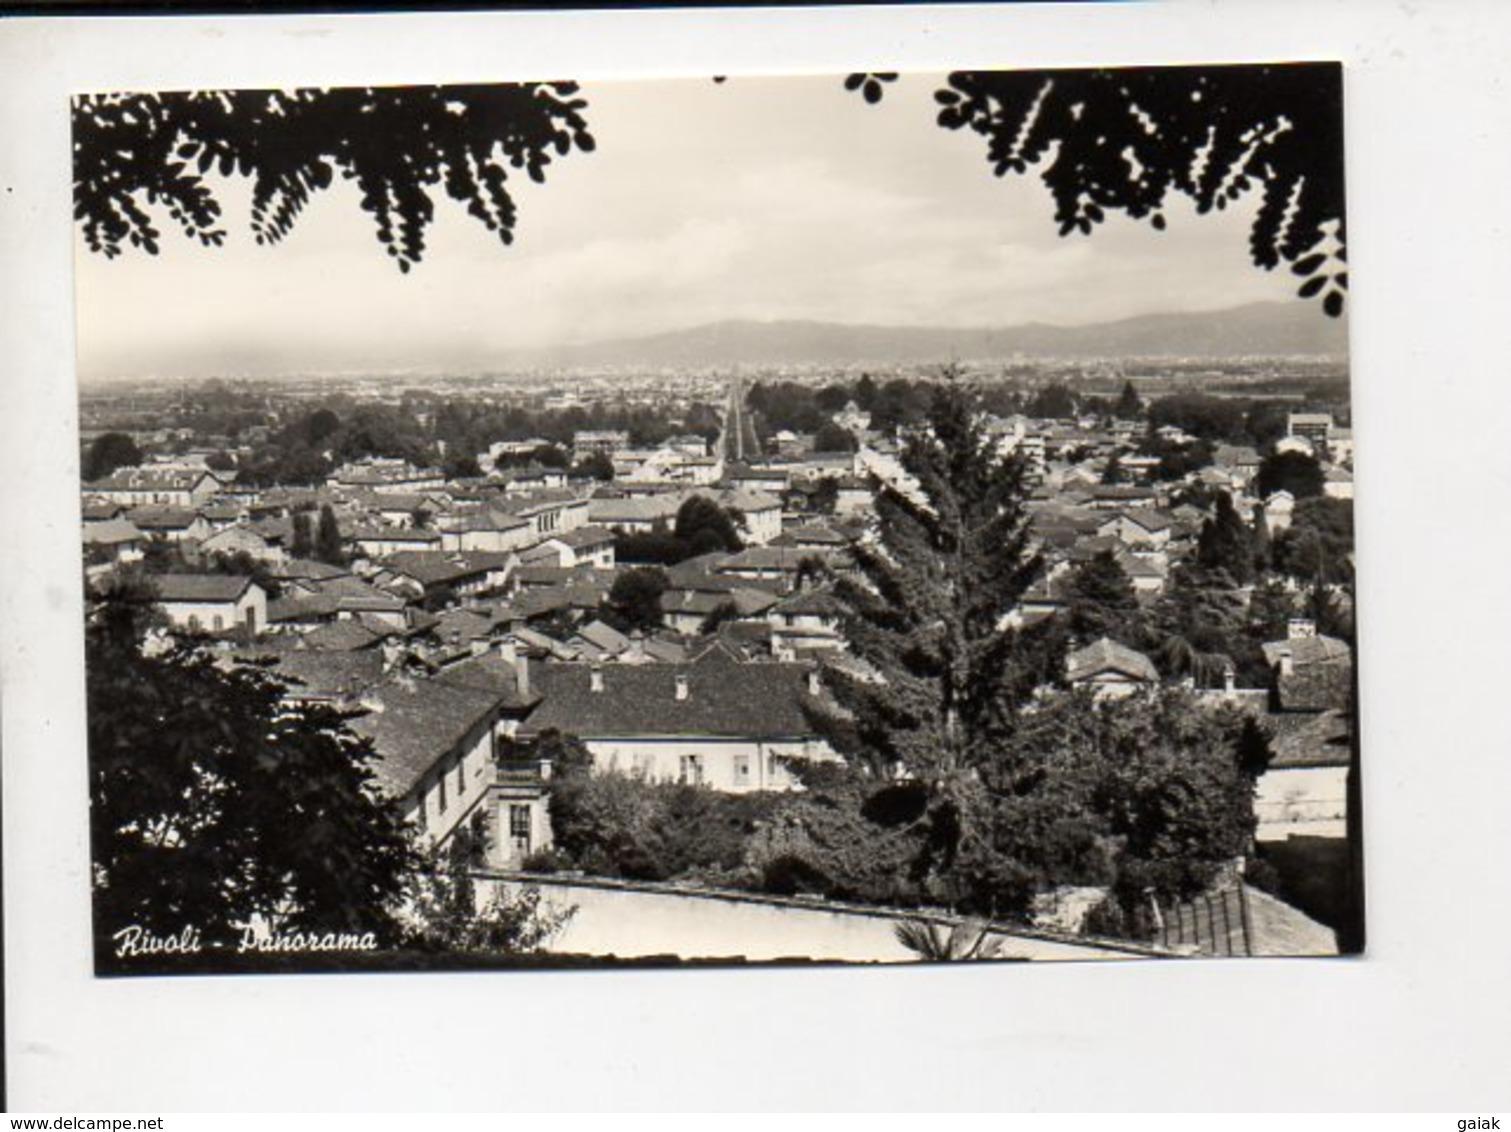 526  RIVOLI  Panorama - Rivoli